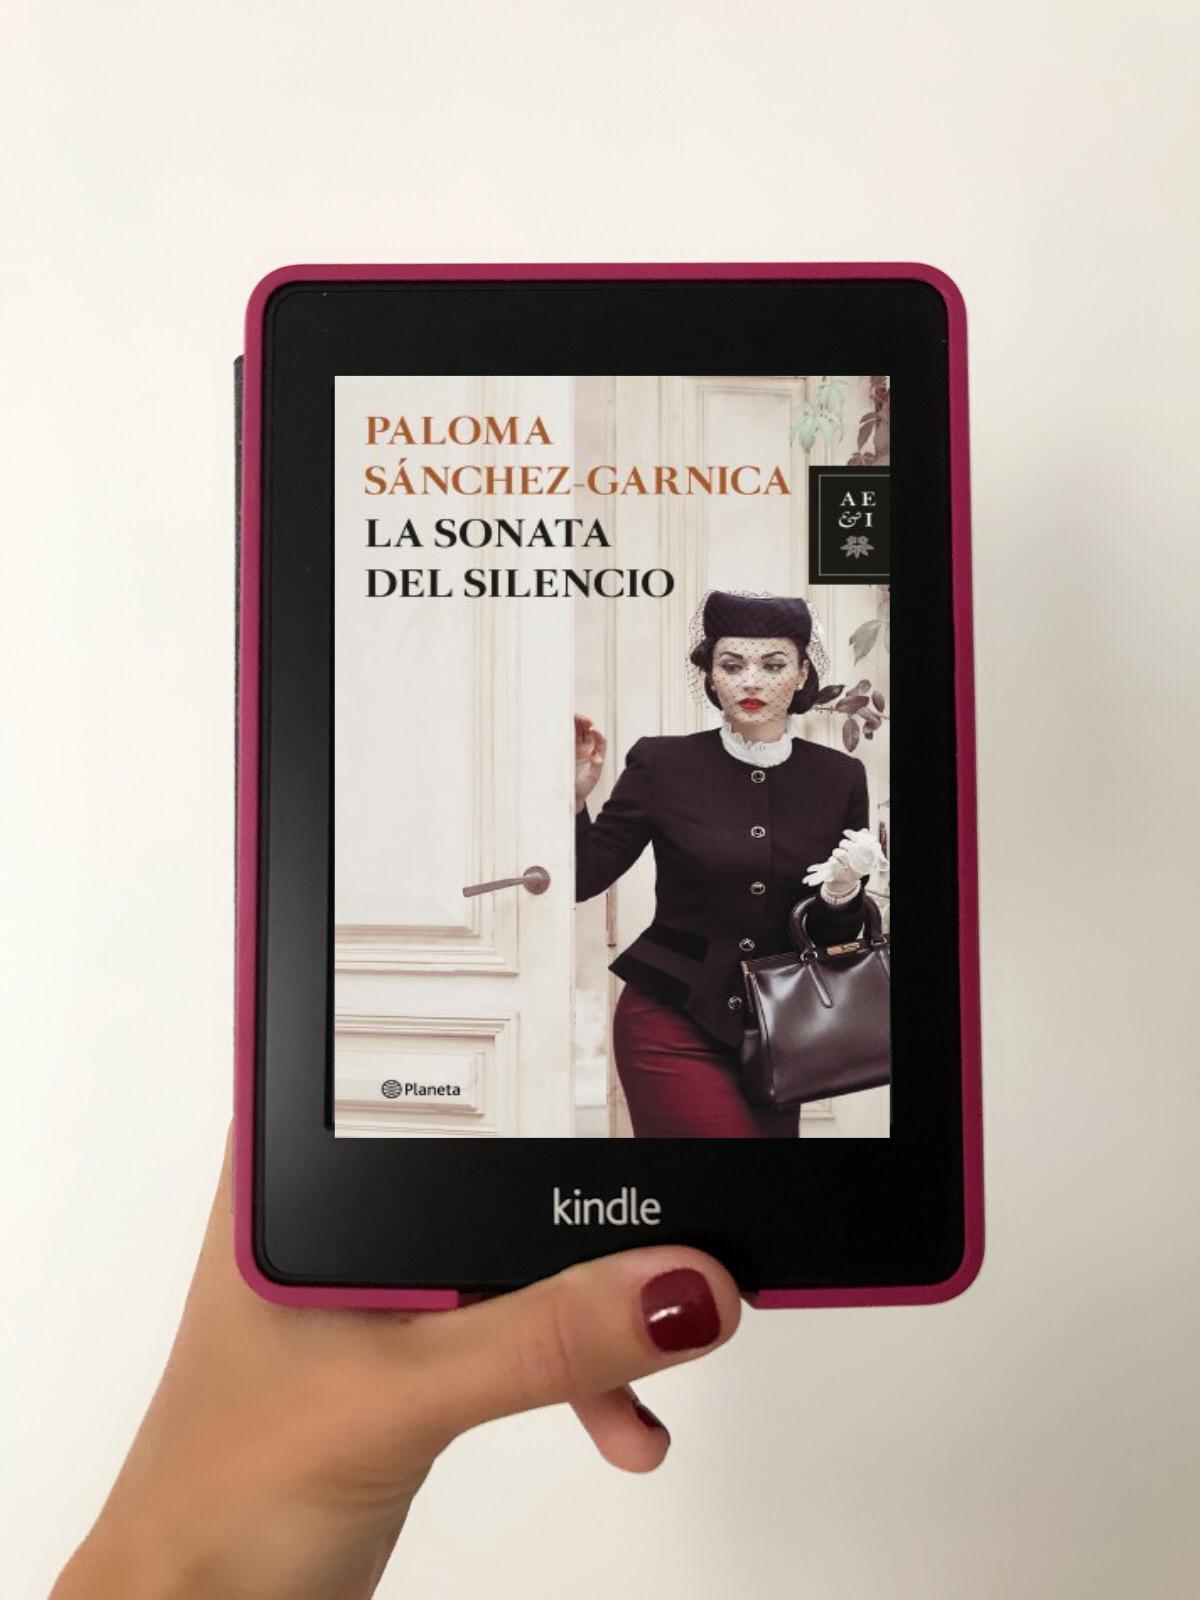 LA SONATA DEL SILENCIO, de Paloma Sánchez- Garnica